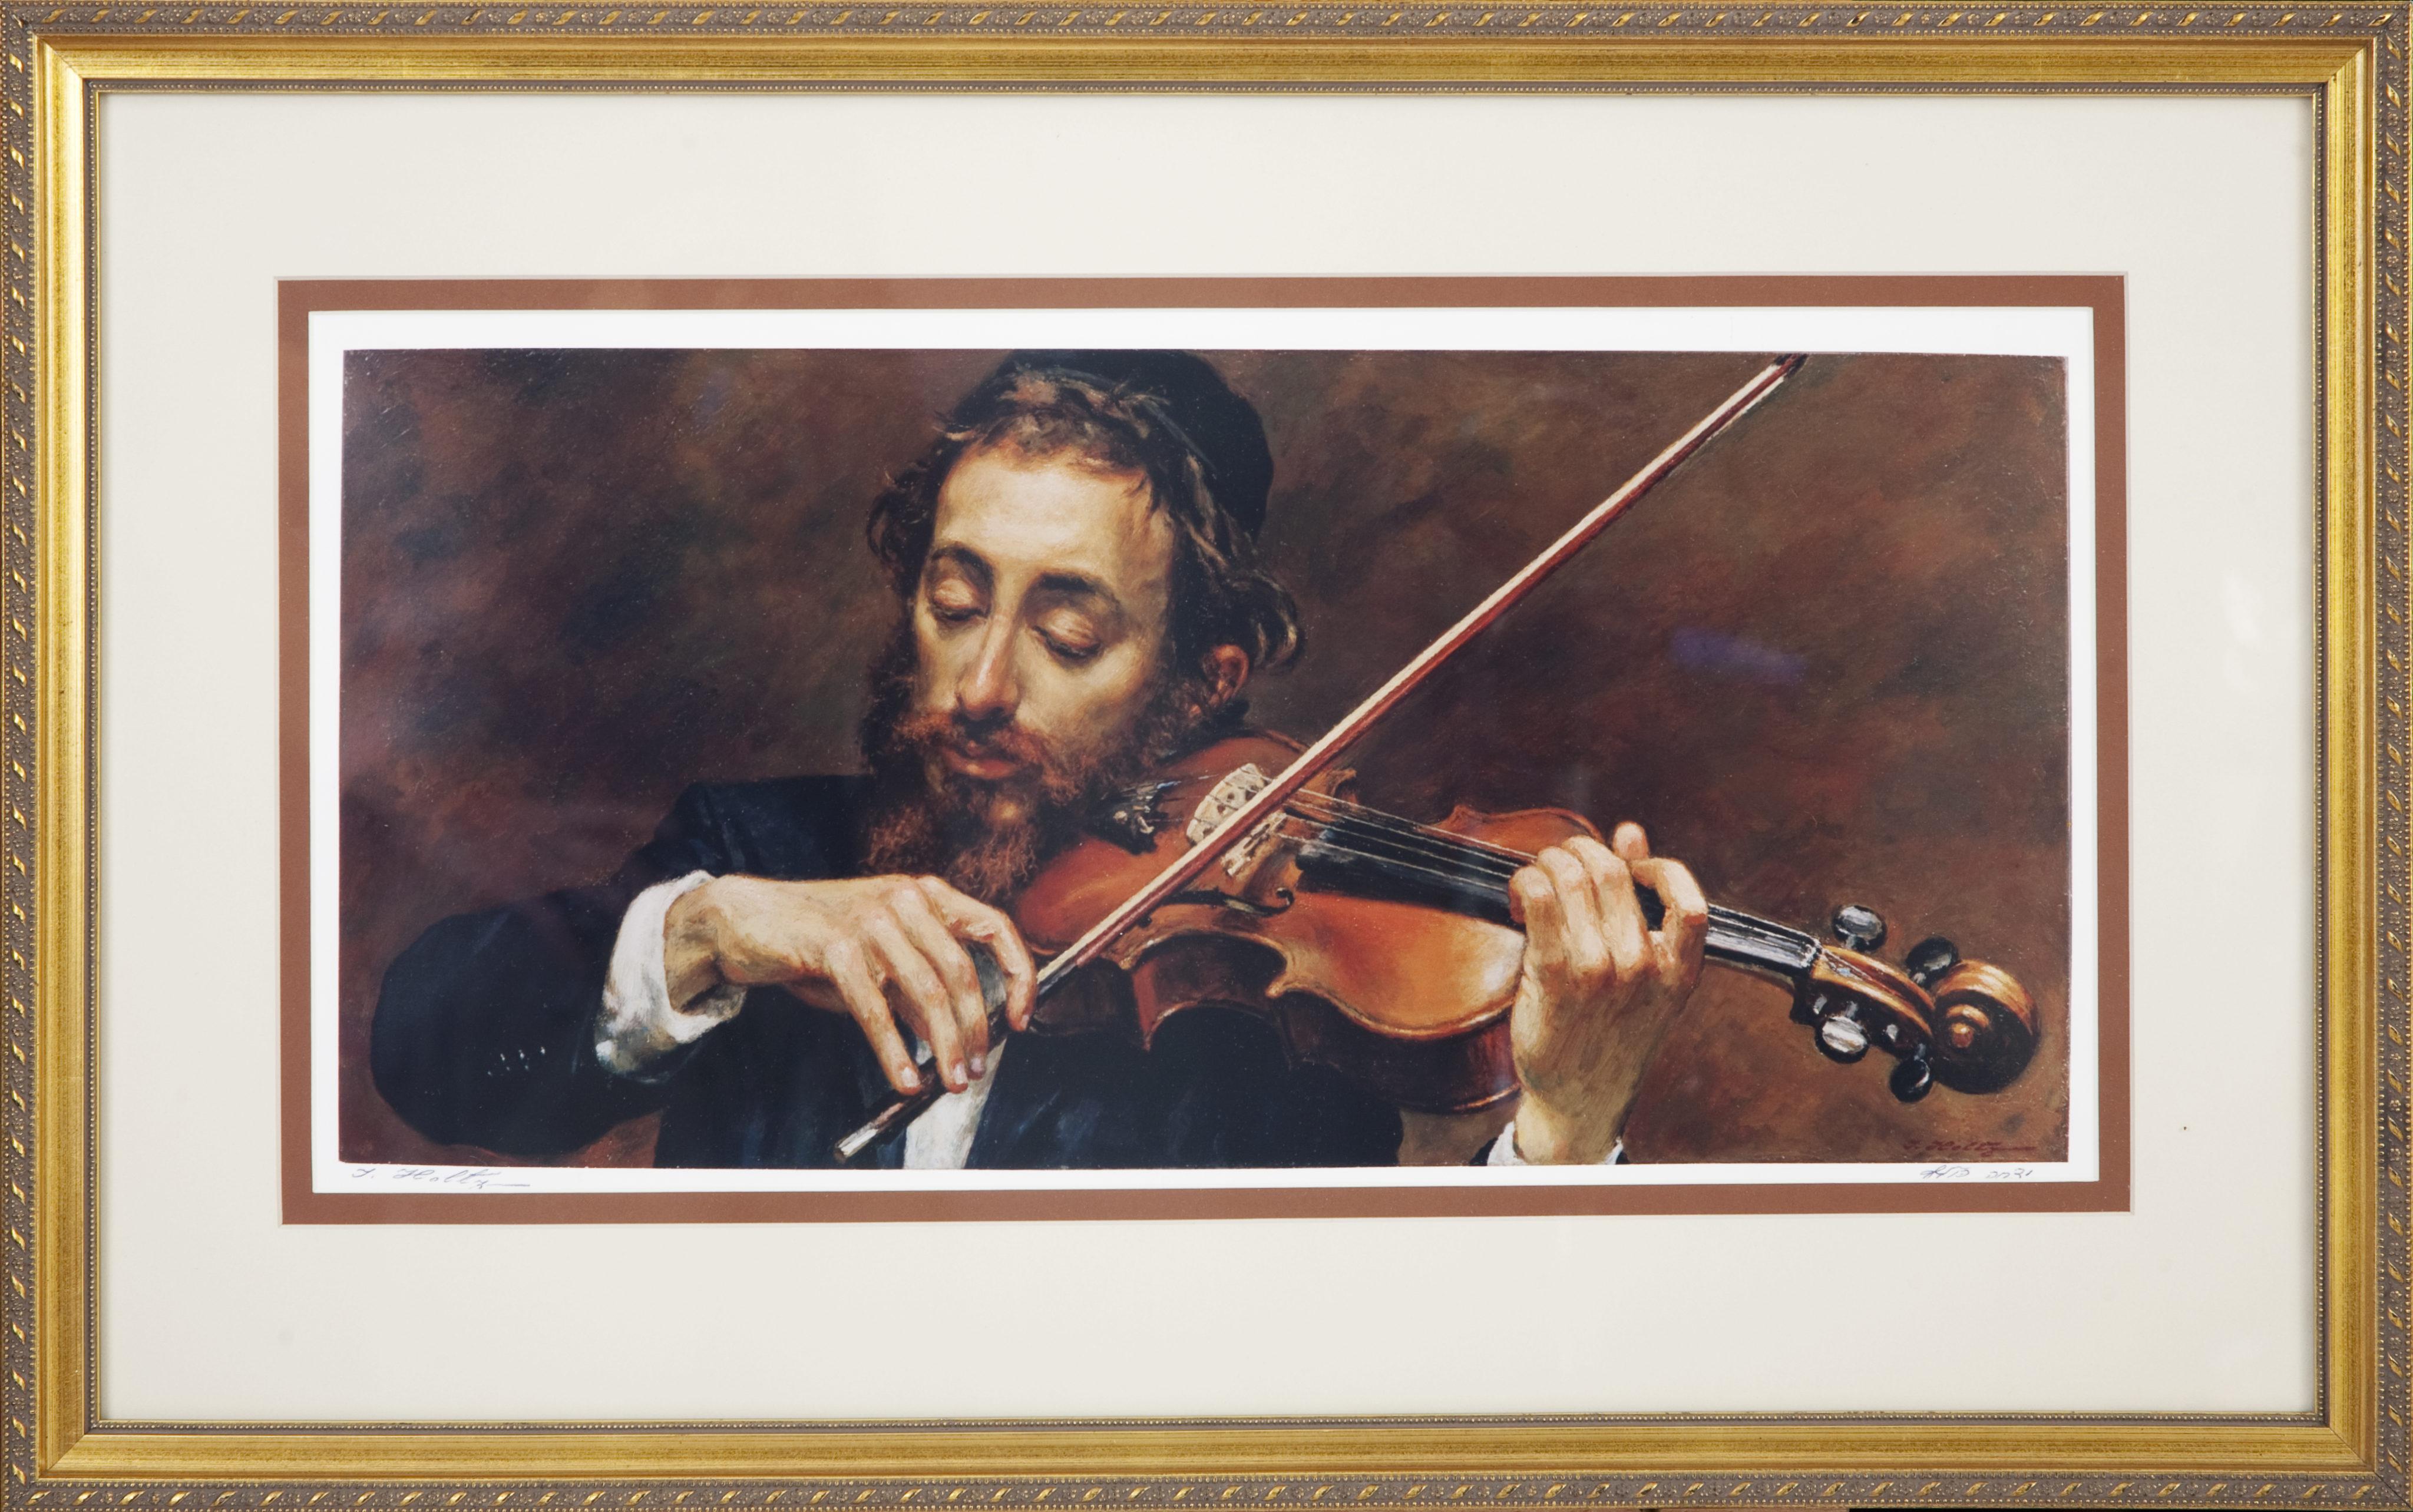 L10F Fiddler - Color - Lithograph - 26.25 x 16.5 - Framed